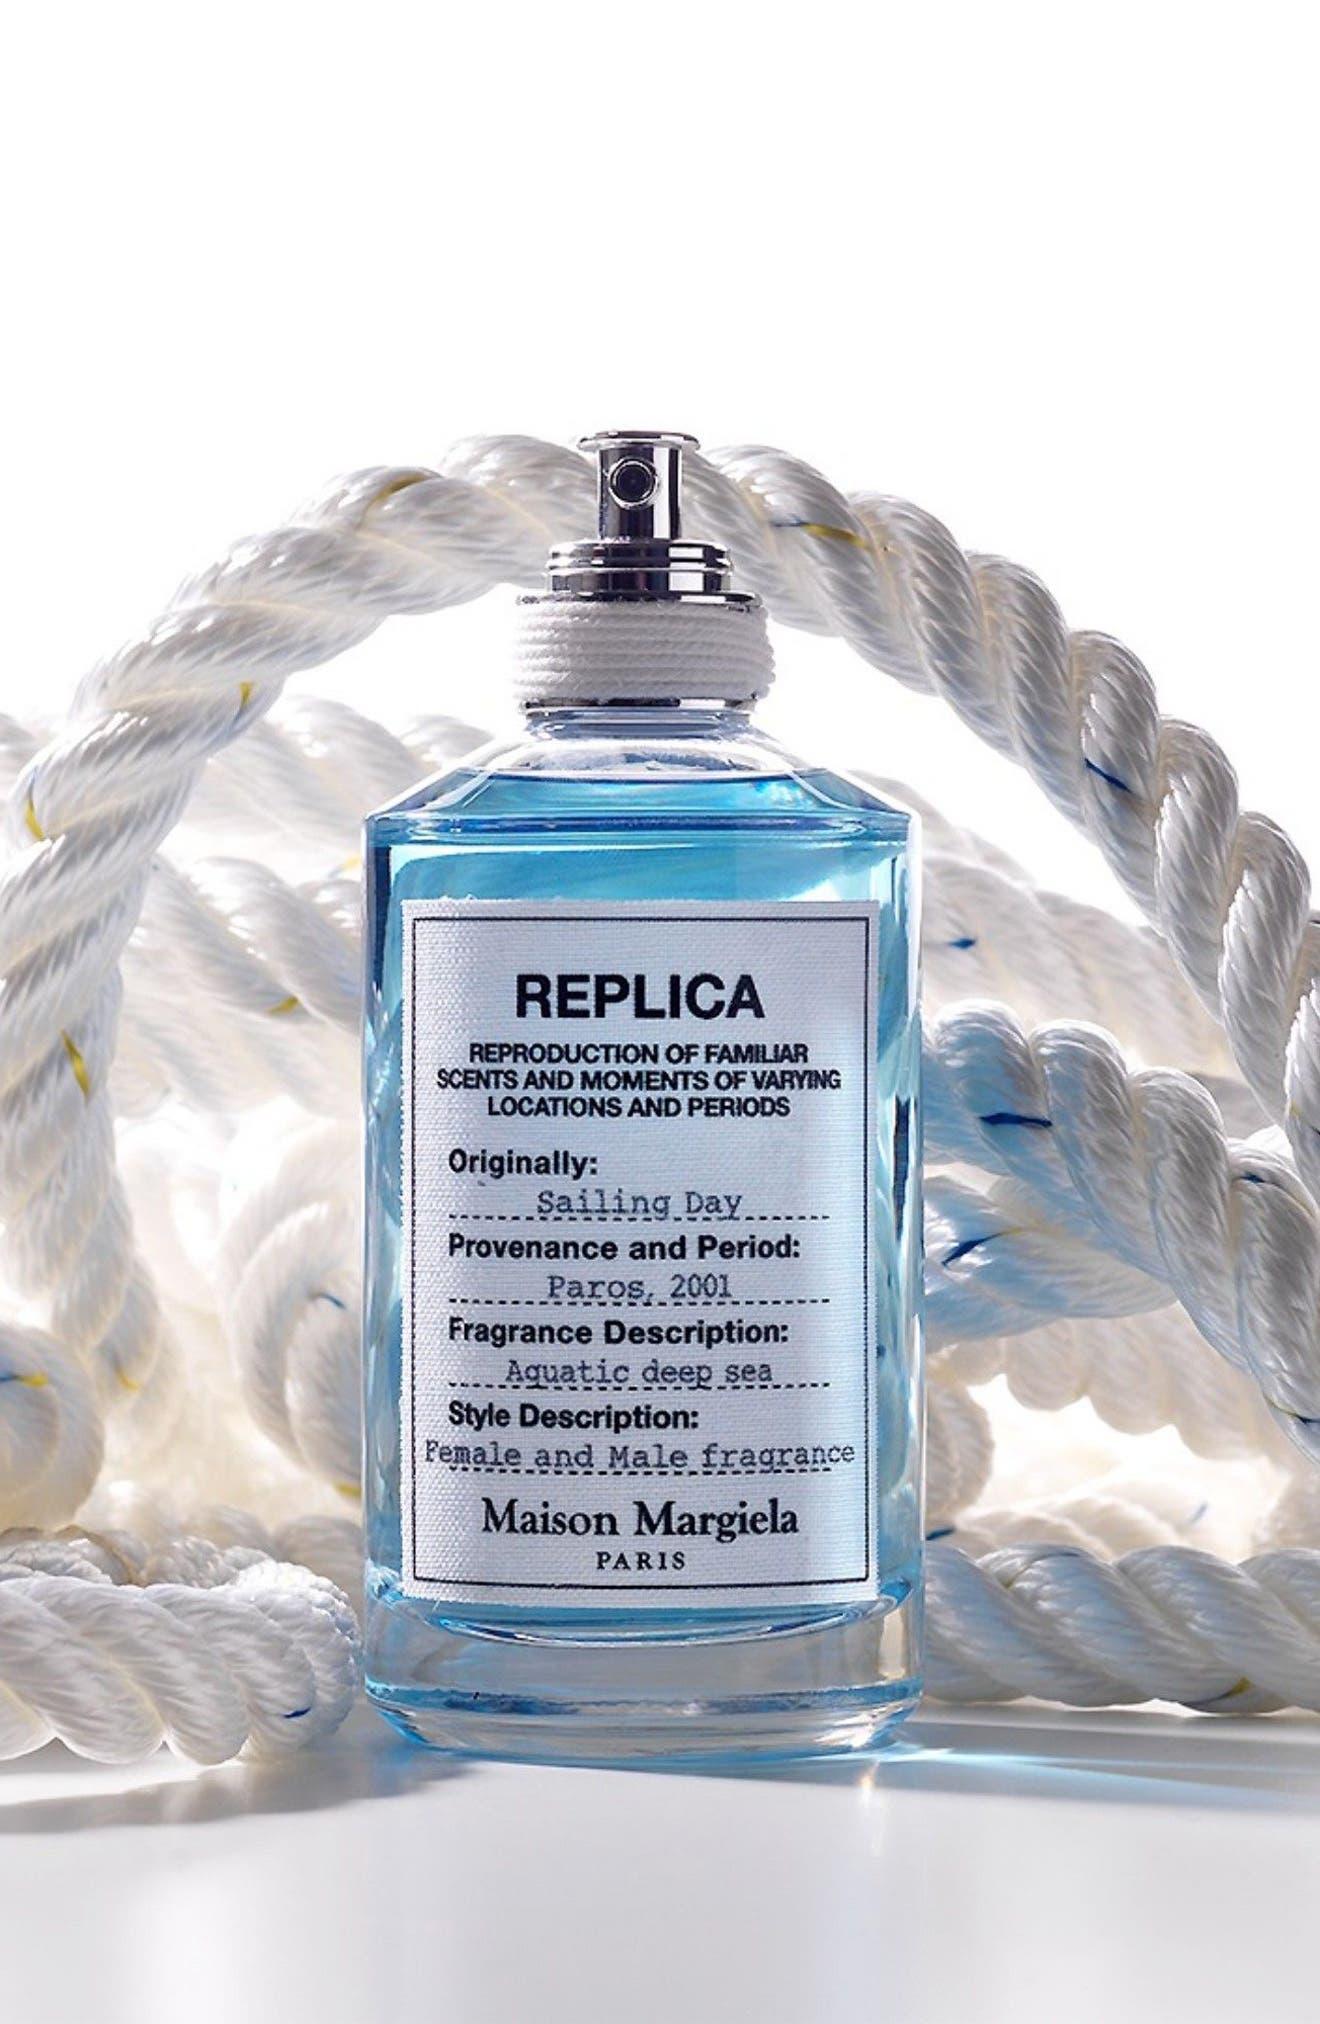 Replica Sailing Day Eau de Toilette Spray,                             Alternate thumbnail 11, color,                             No Color